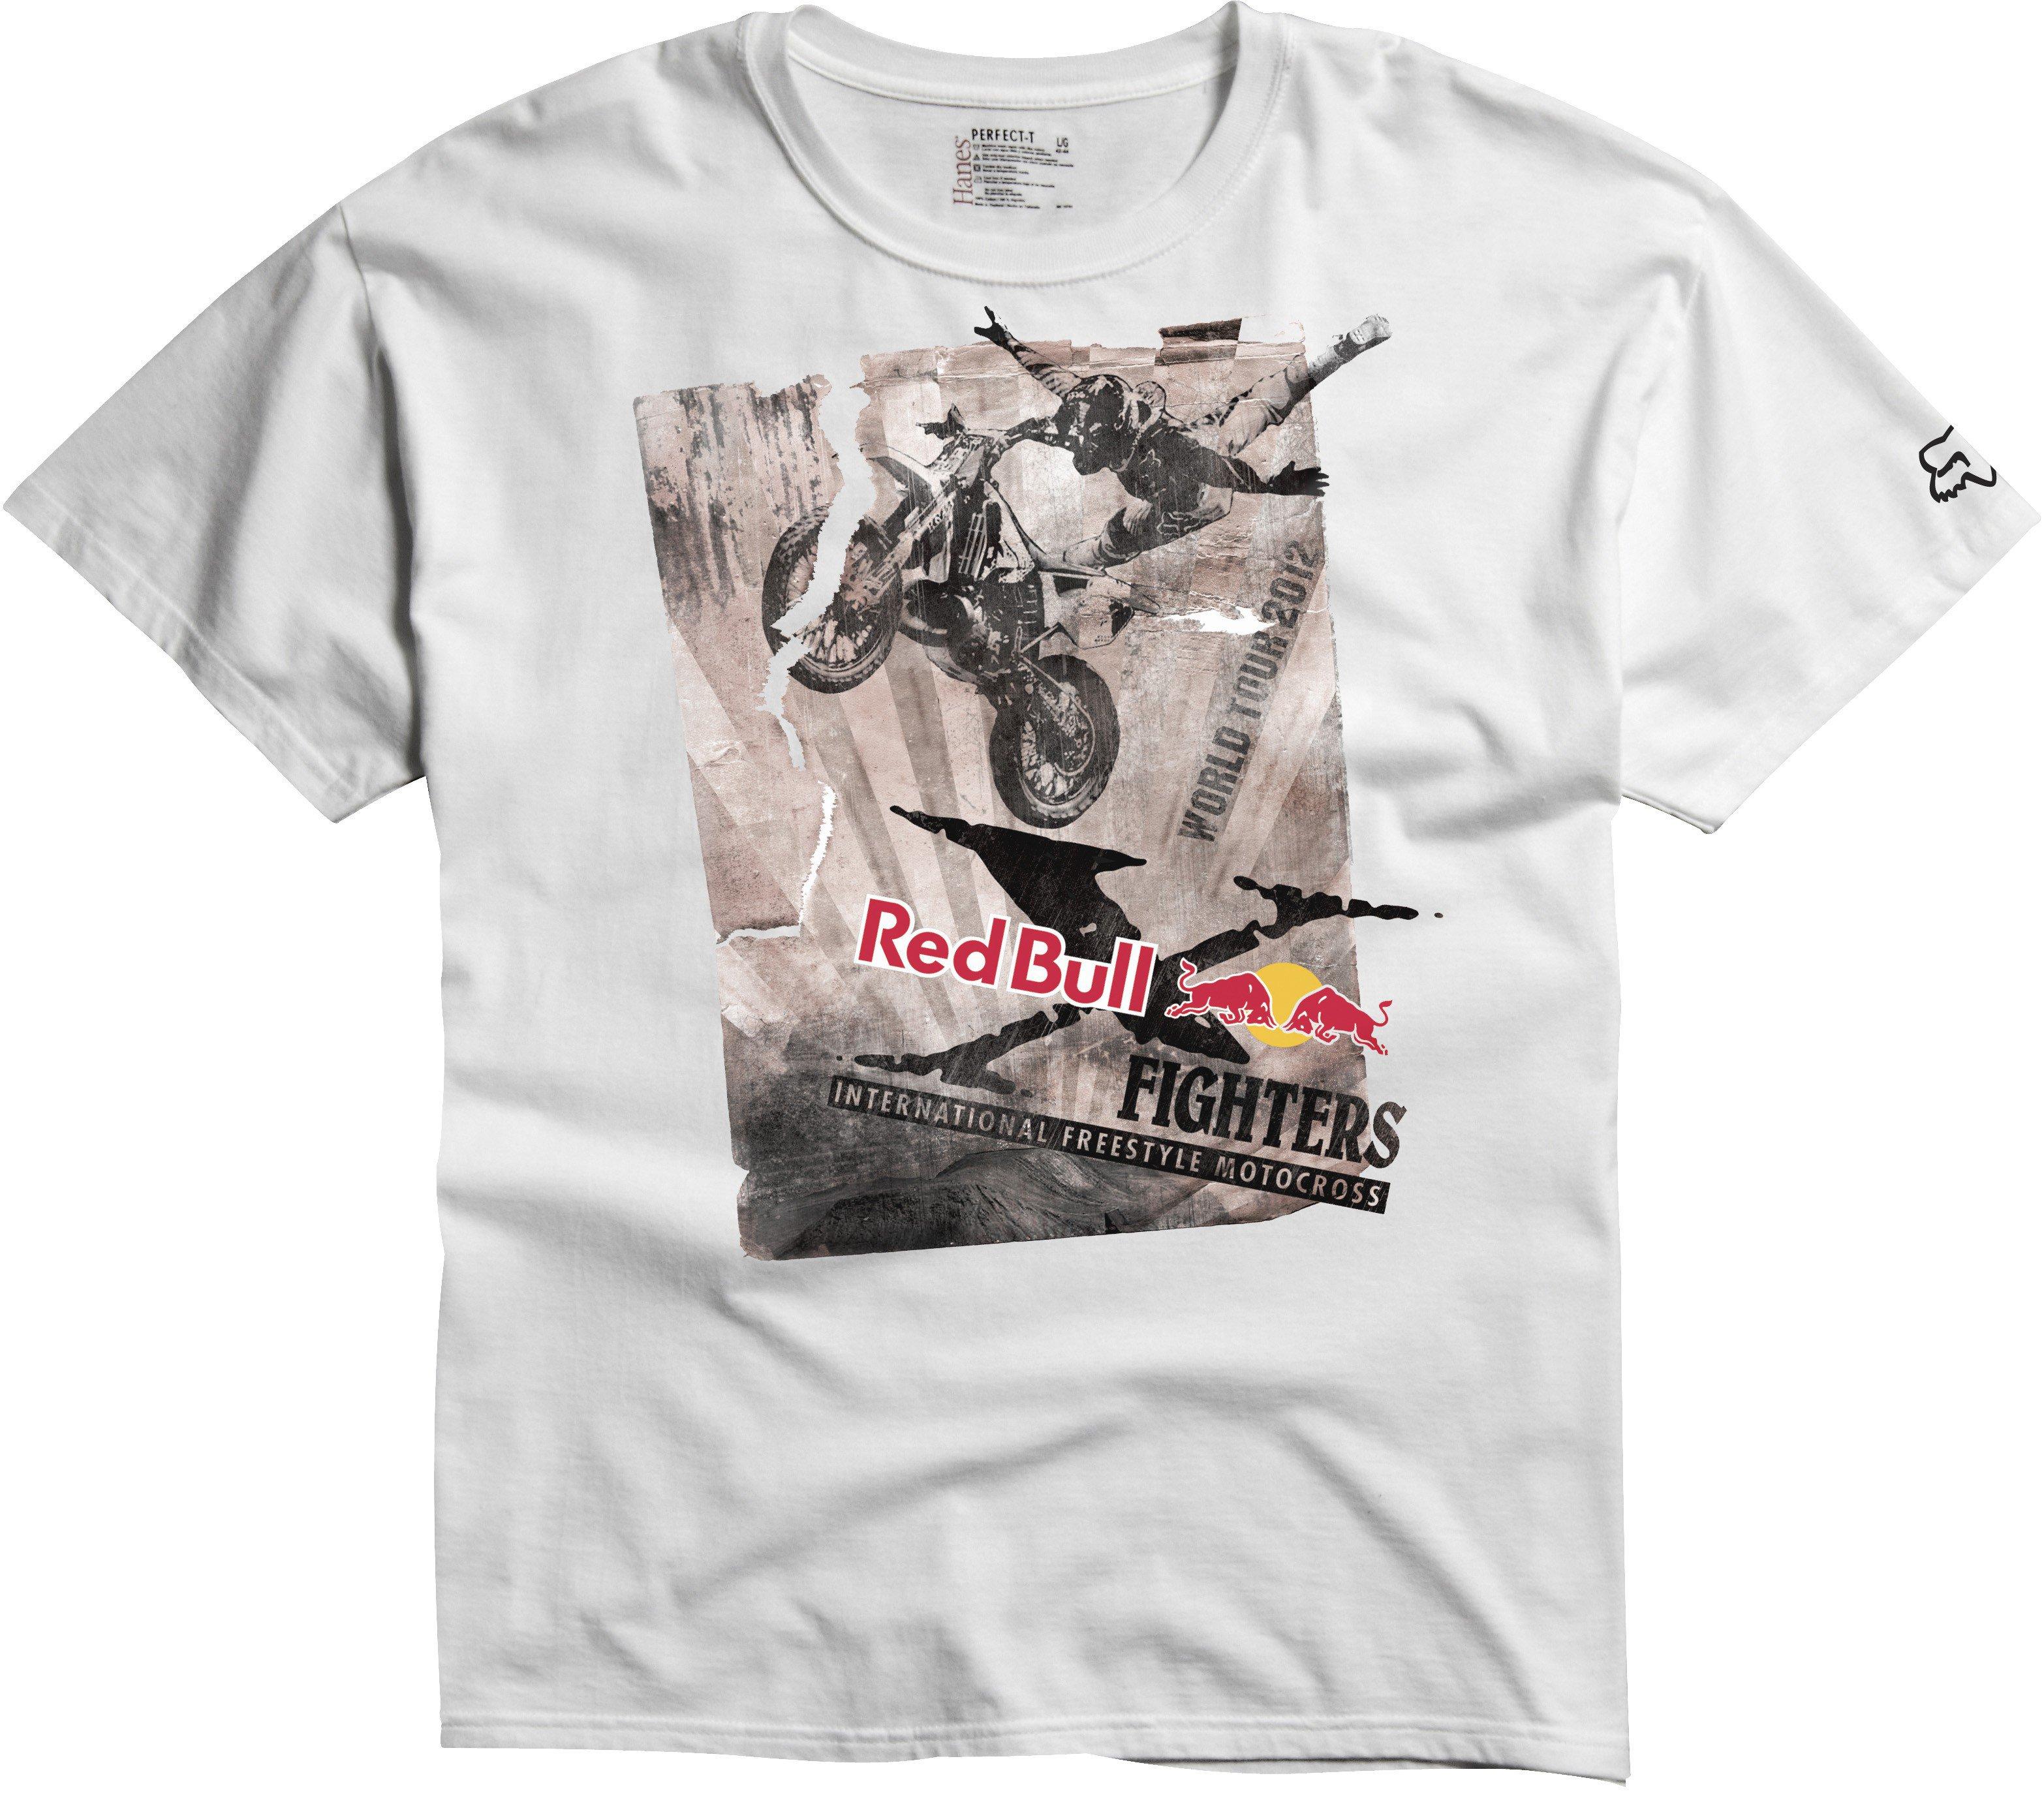 Tričko pánské FOX Red Bull Posterized Tour bílé